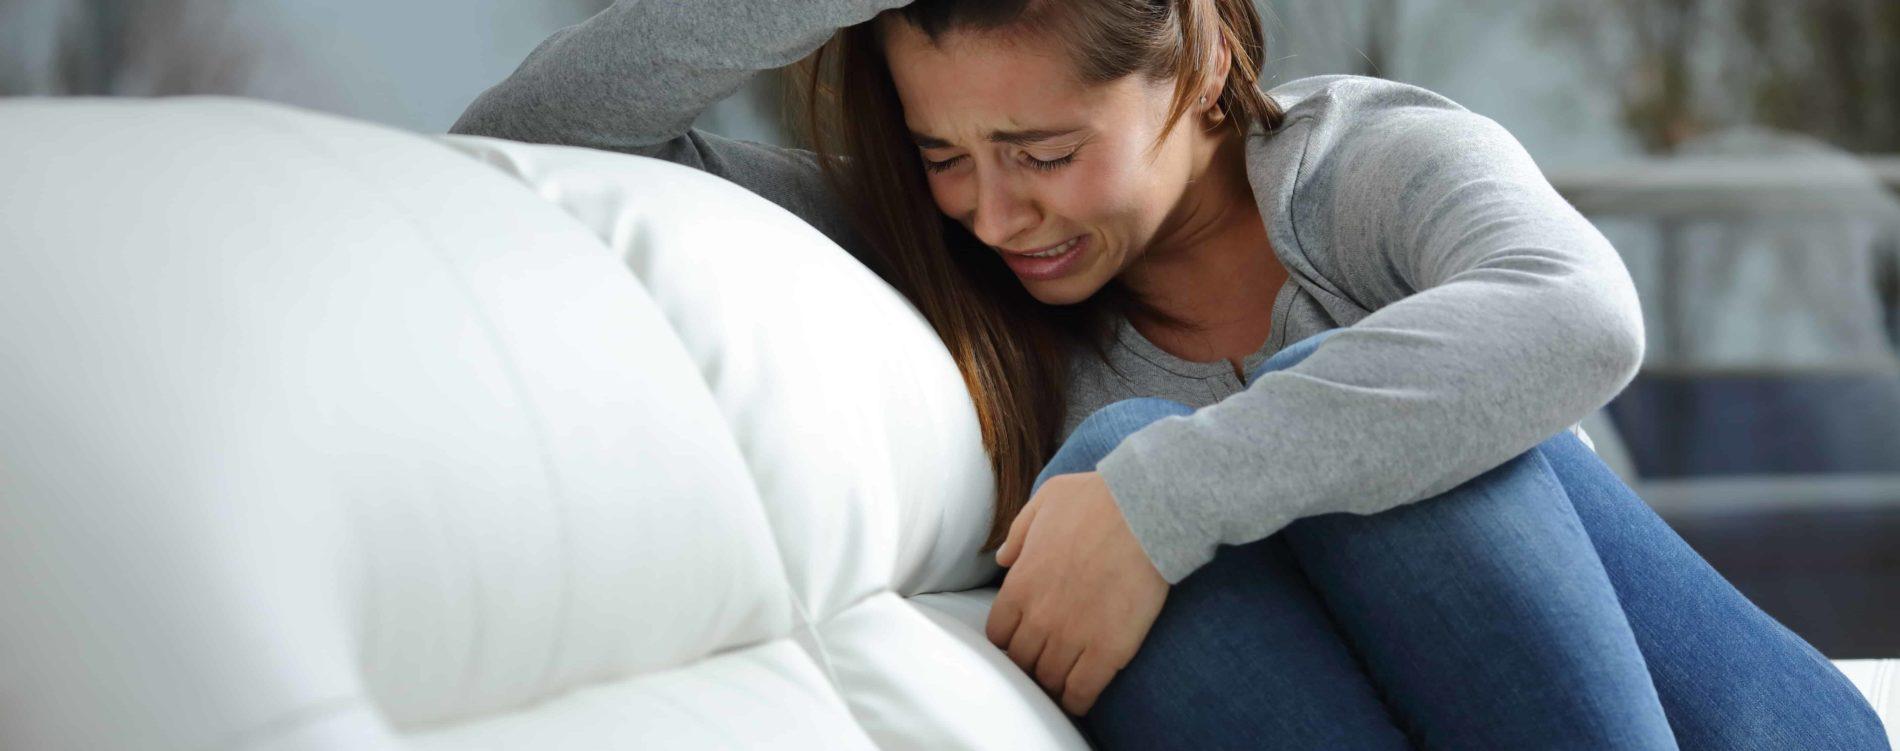 klinik-windach-depression-therapie-weinende-frau